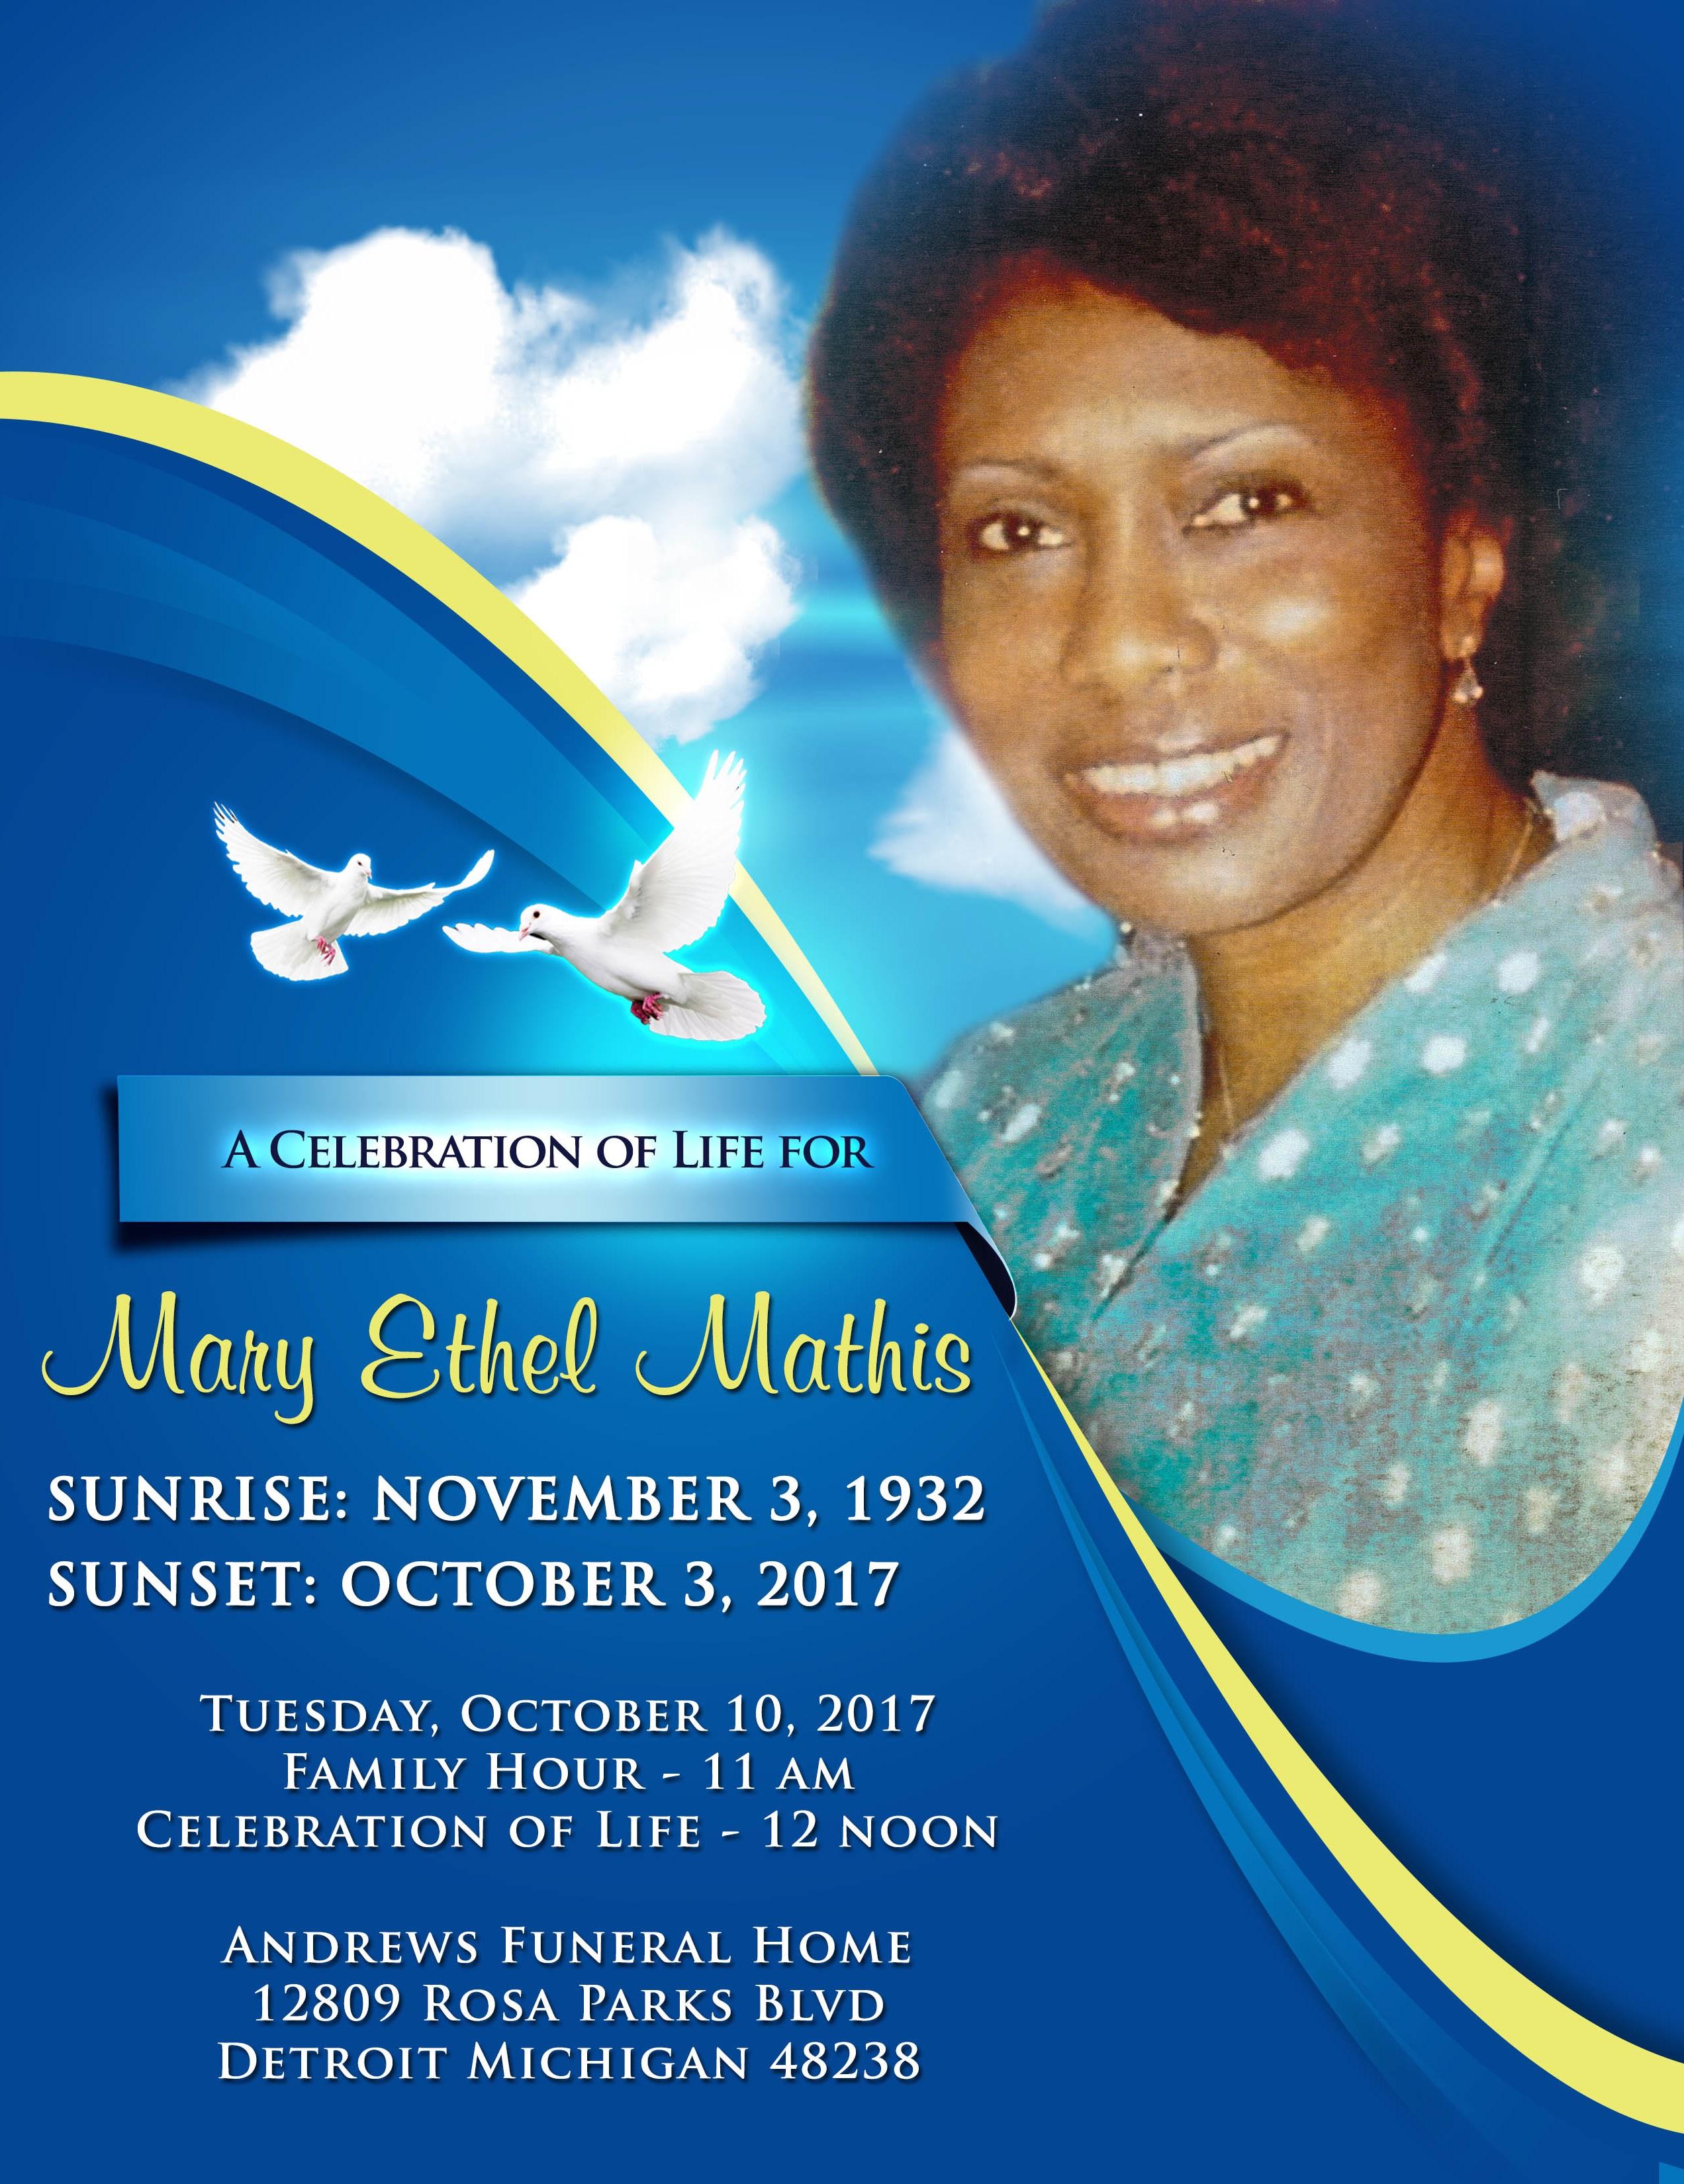 Mary Ethel Mathis (outside)